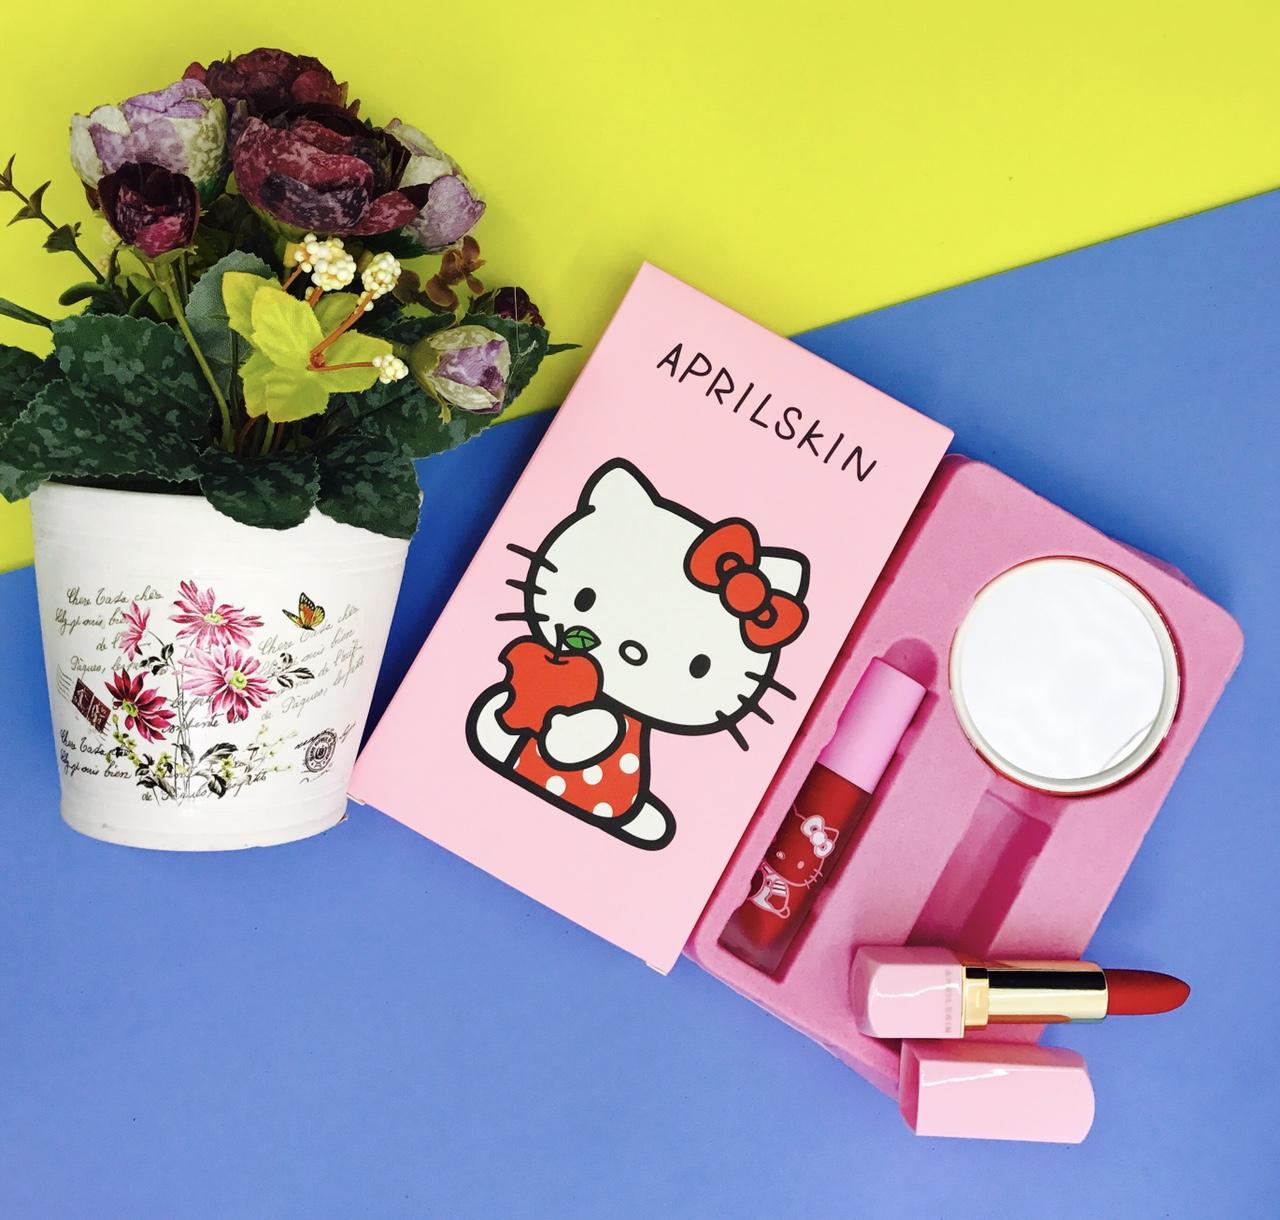 APRIL SKIN Kitty Collection เซตลิปคิตตี้สุดน่ารัก มาพร้อมกระจก4ลายน่ารักสุดๆ ราคาปลีก 120 บาท / ราคาส่ง 96 บาท